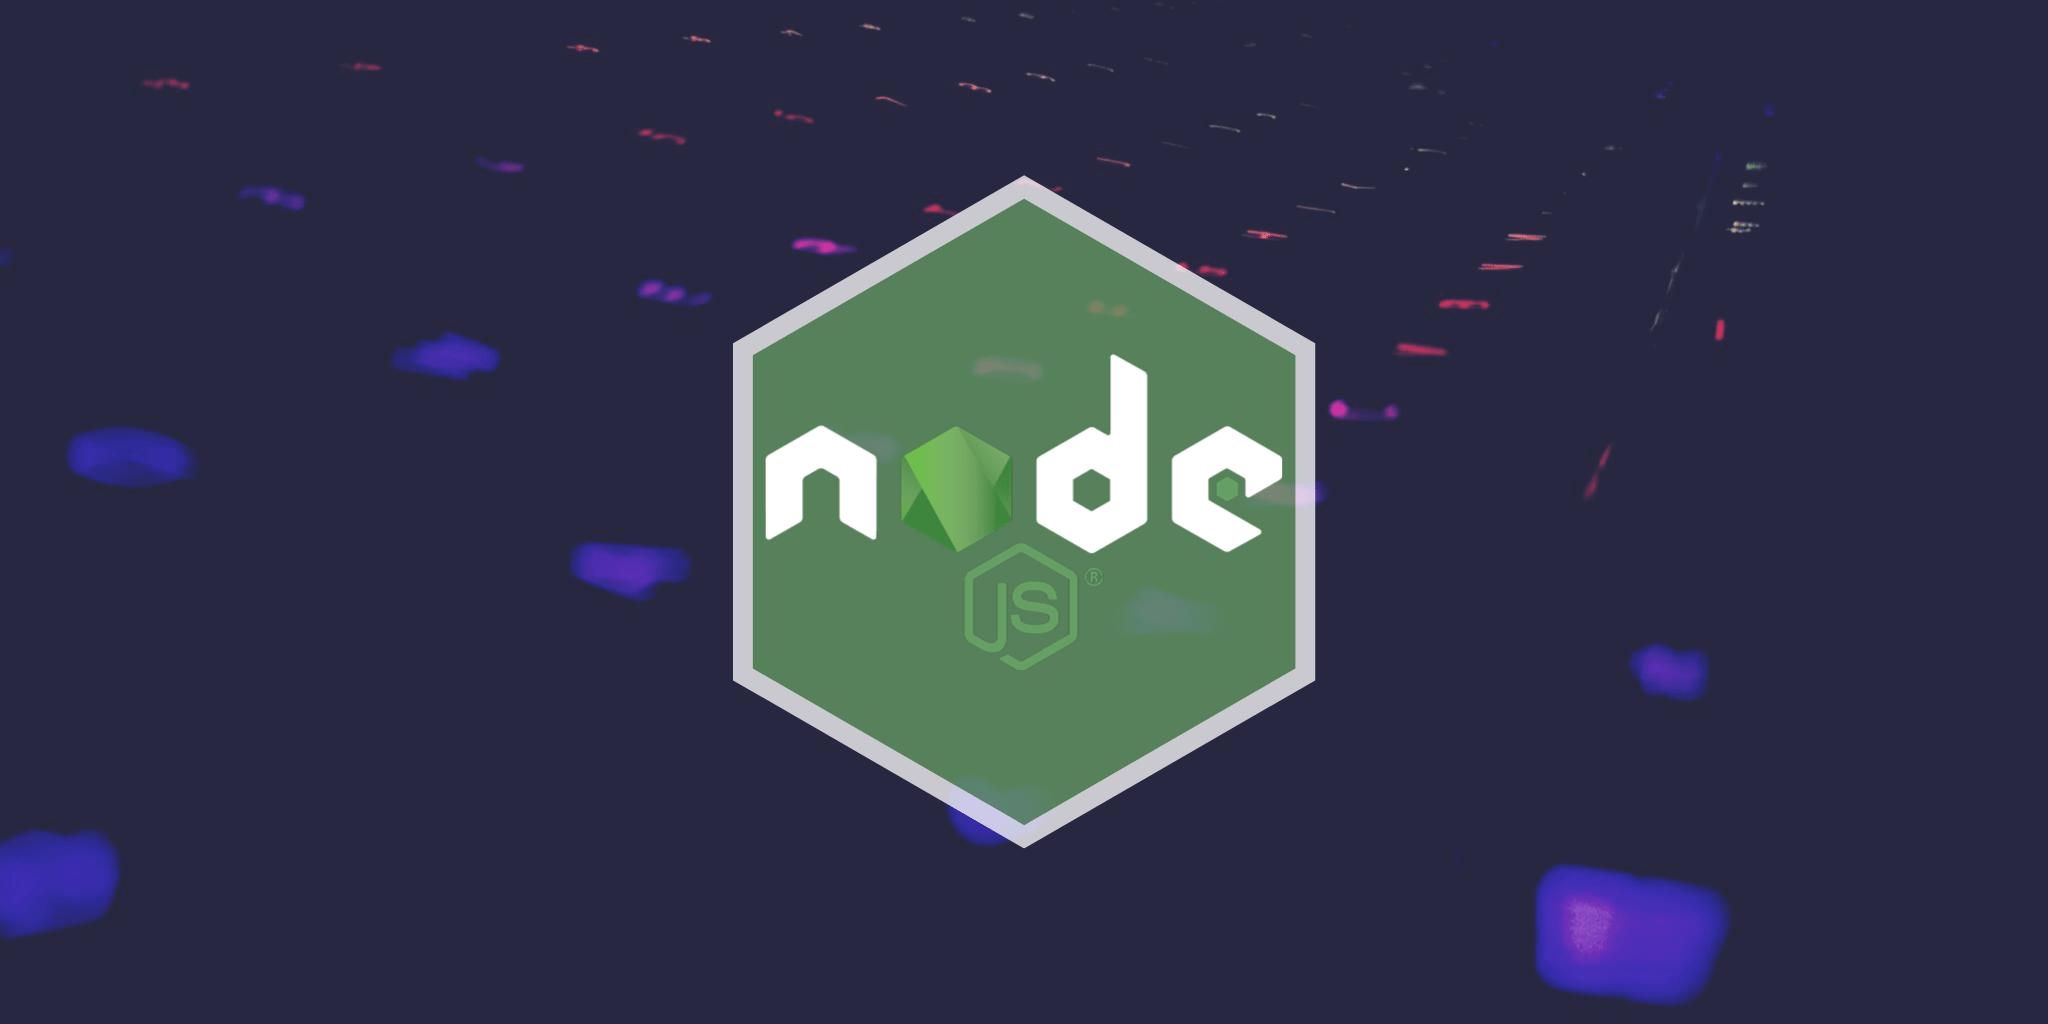 node-js-wallpaper